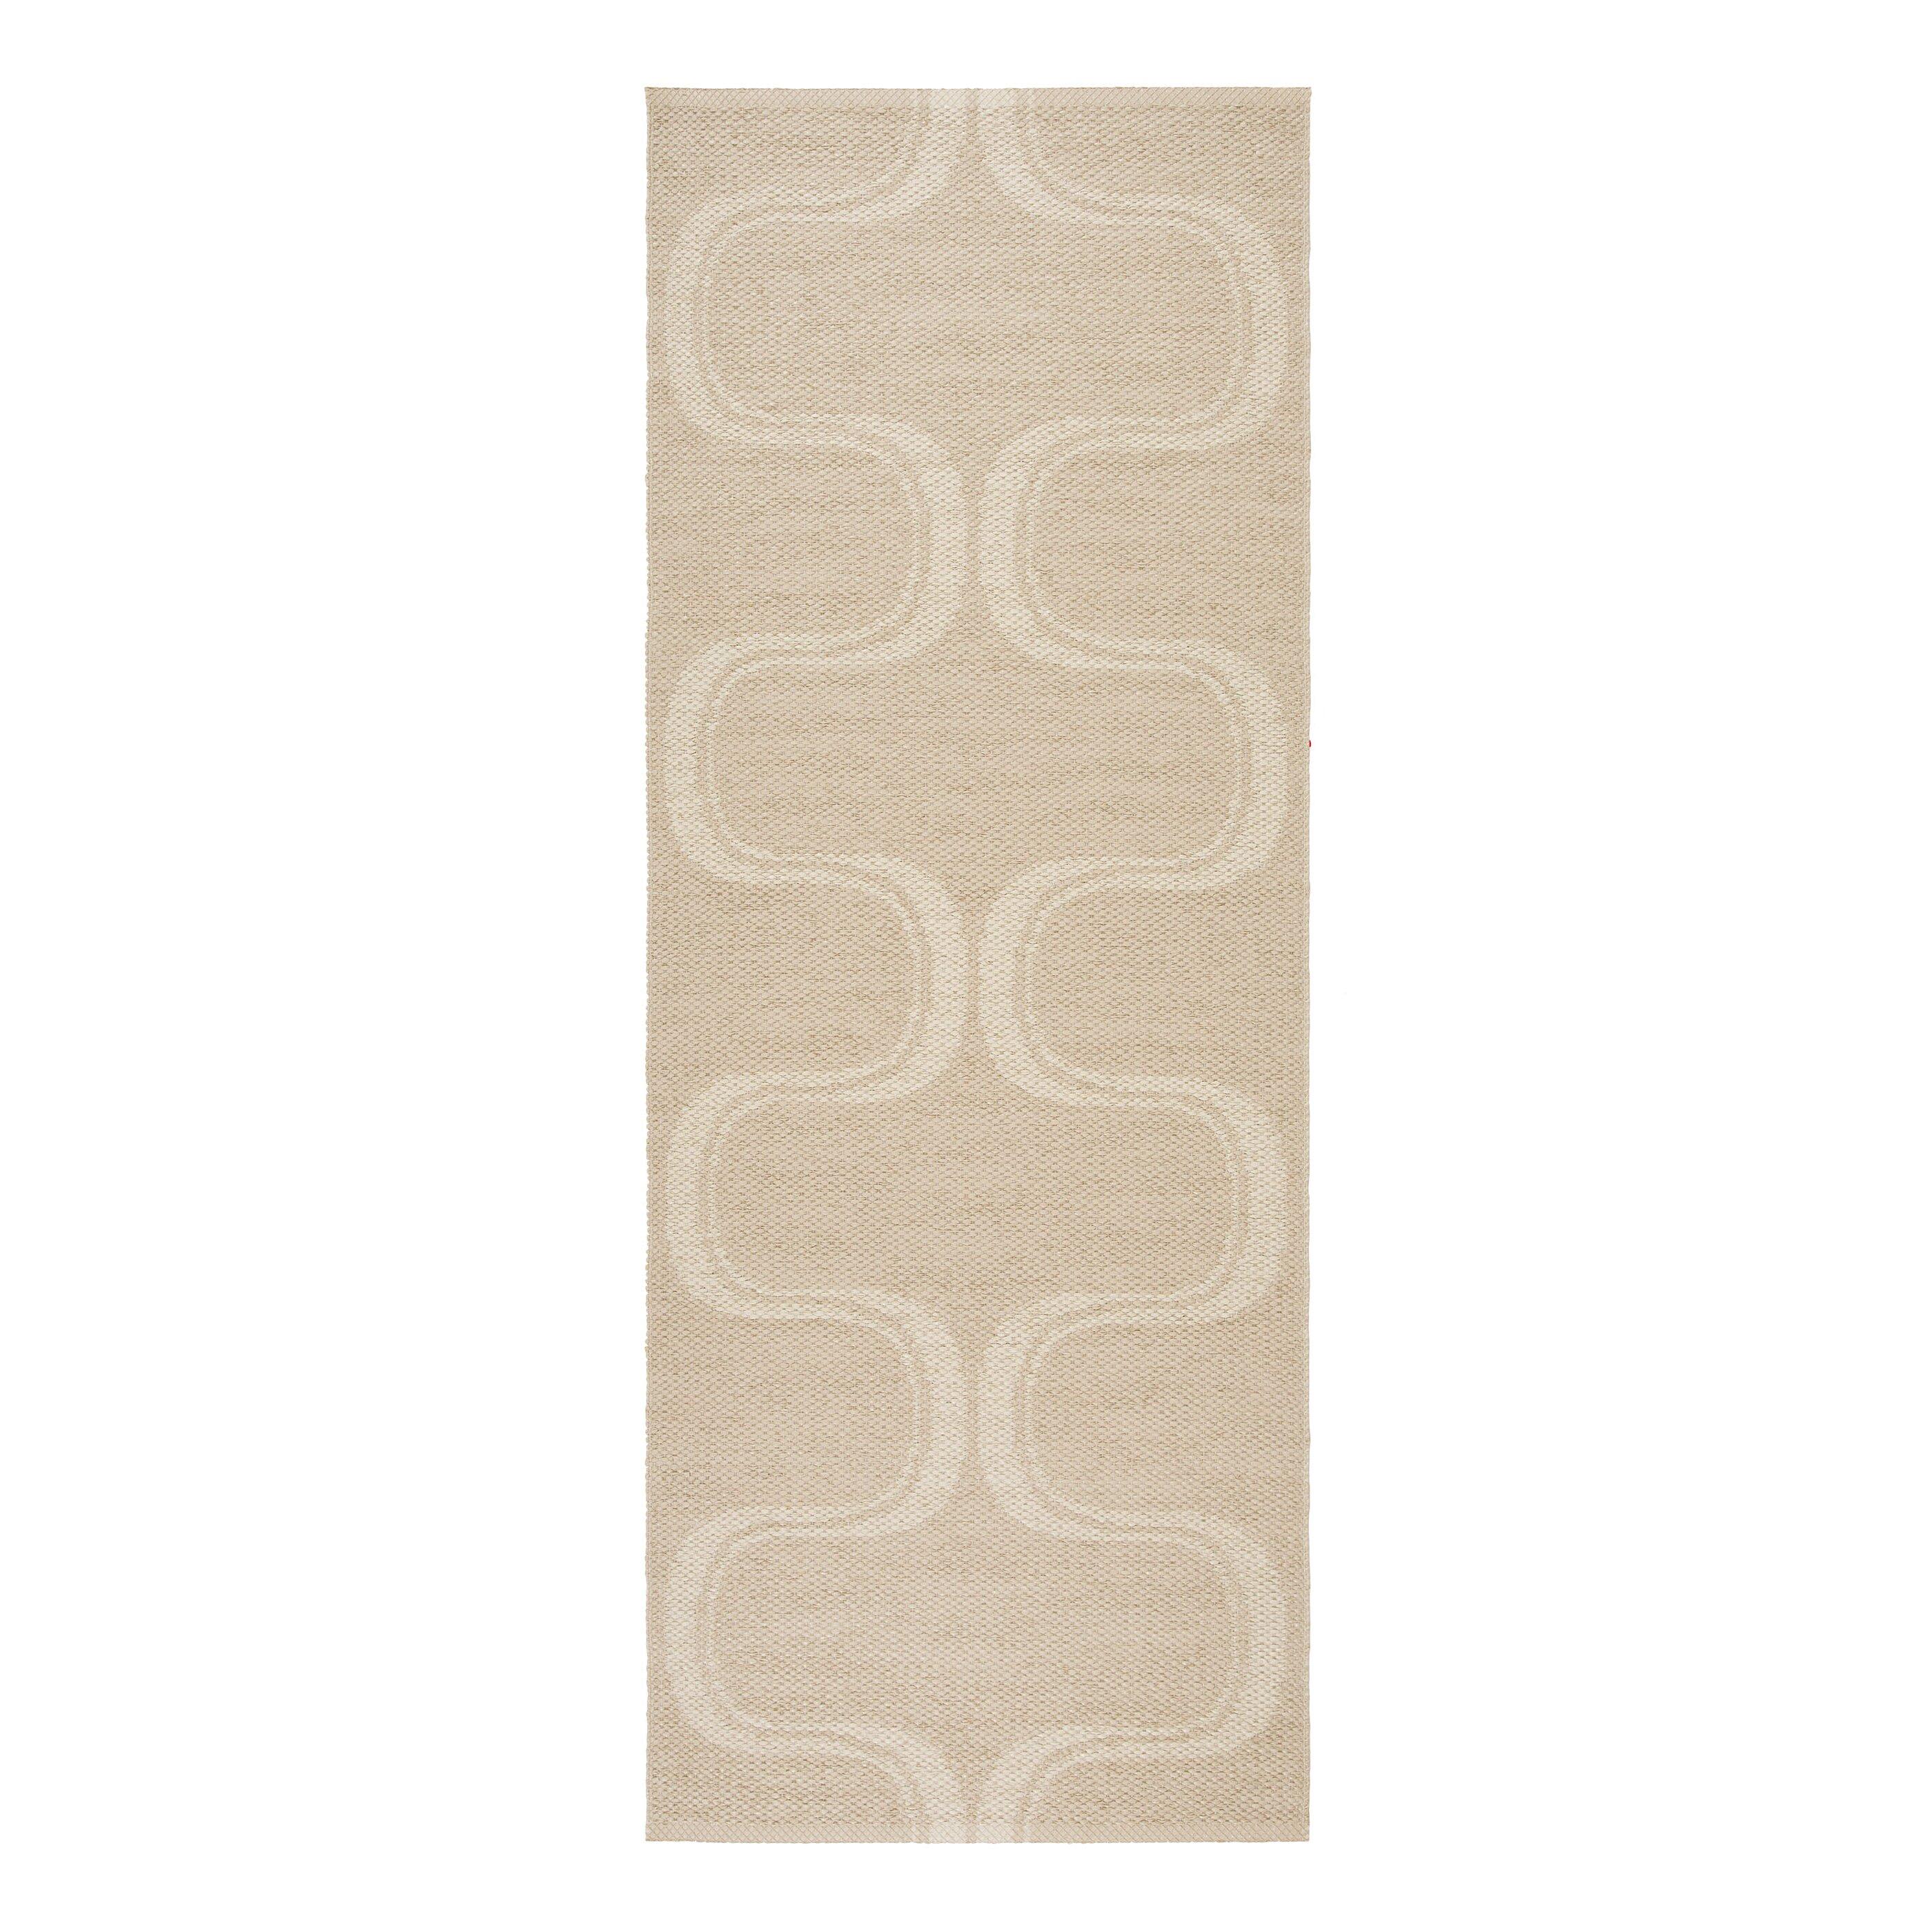 Swedy waves beige indoor outdoor area rug for Indoor outdoor rugs uk